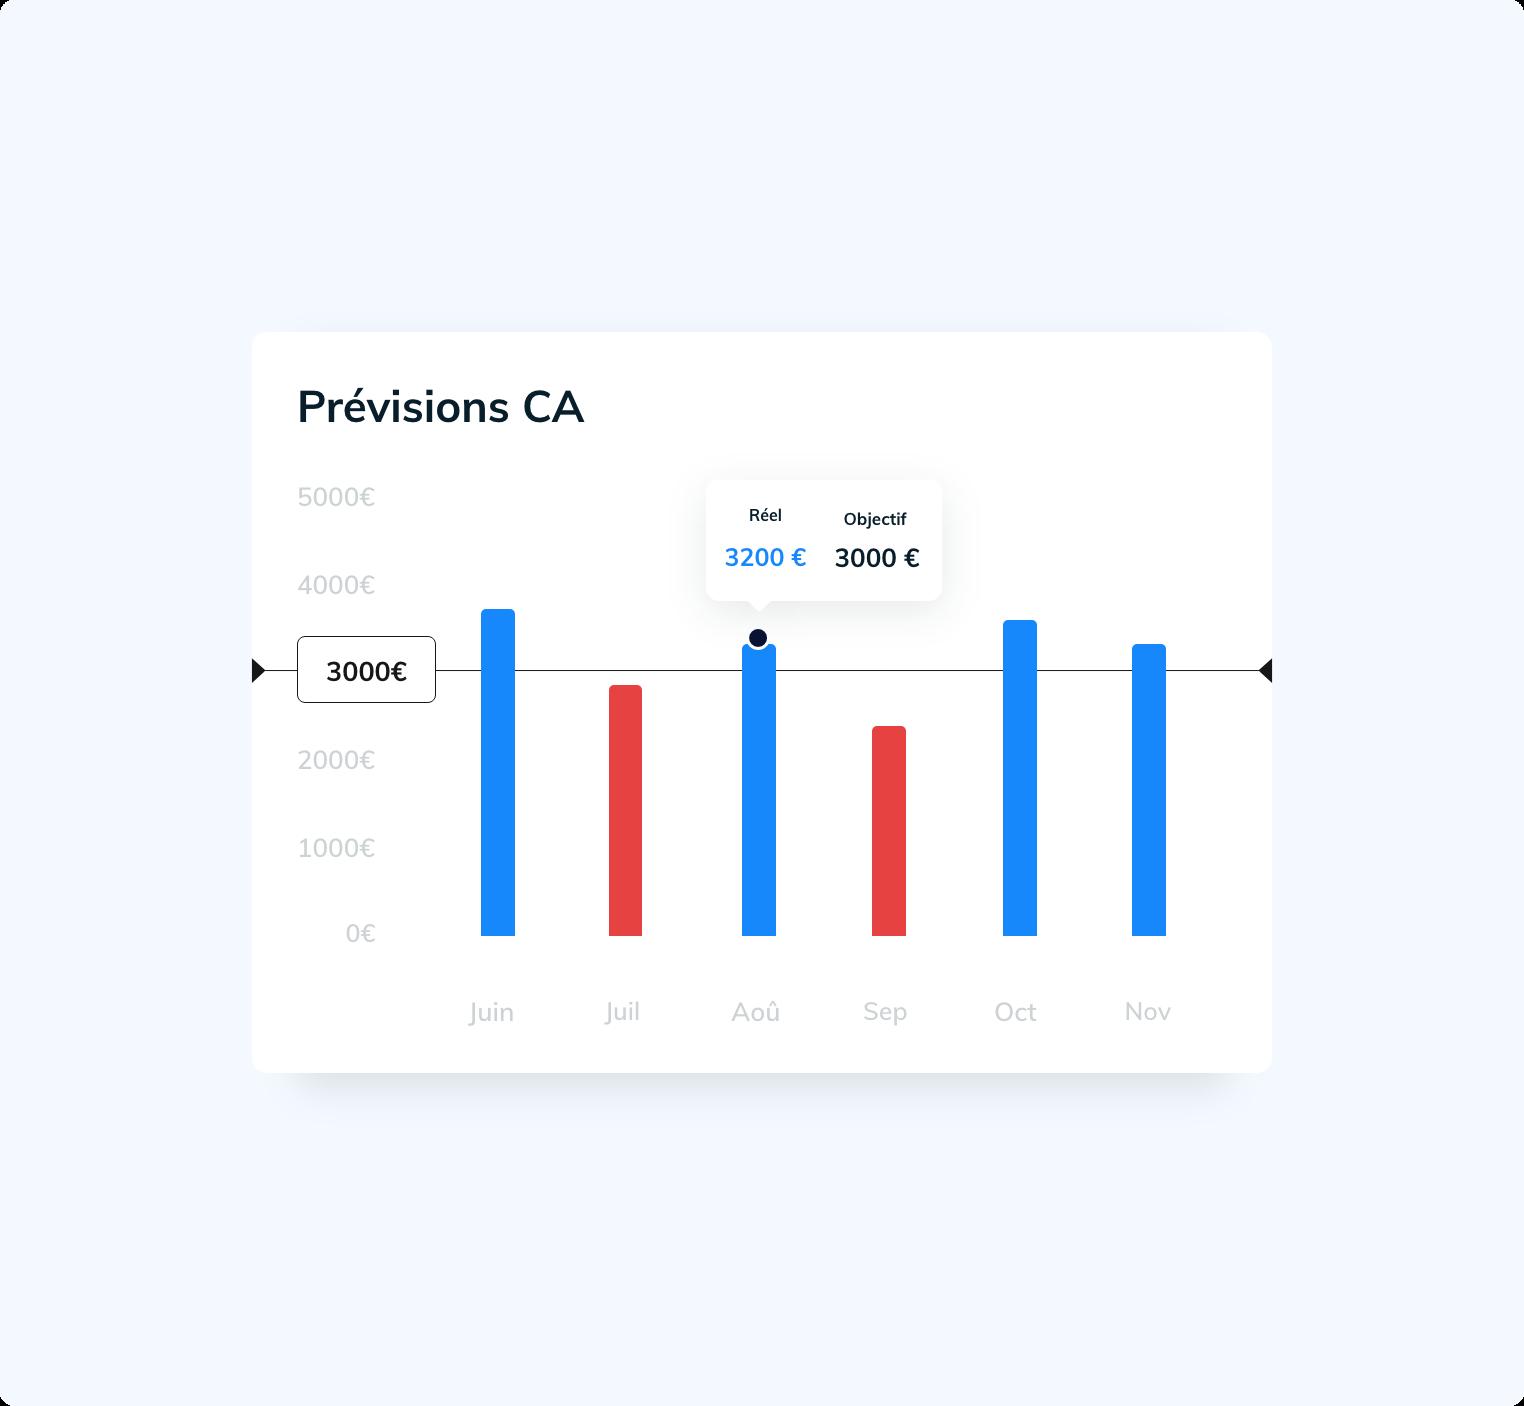 Prévision du chiffre d'affaire par mois avec des objectifs